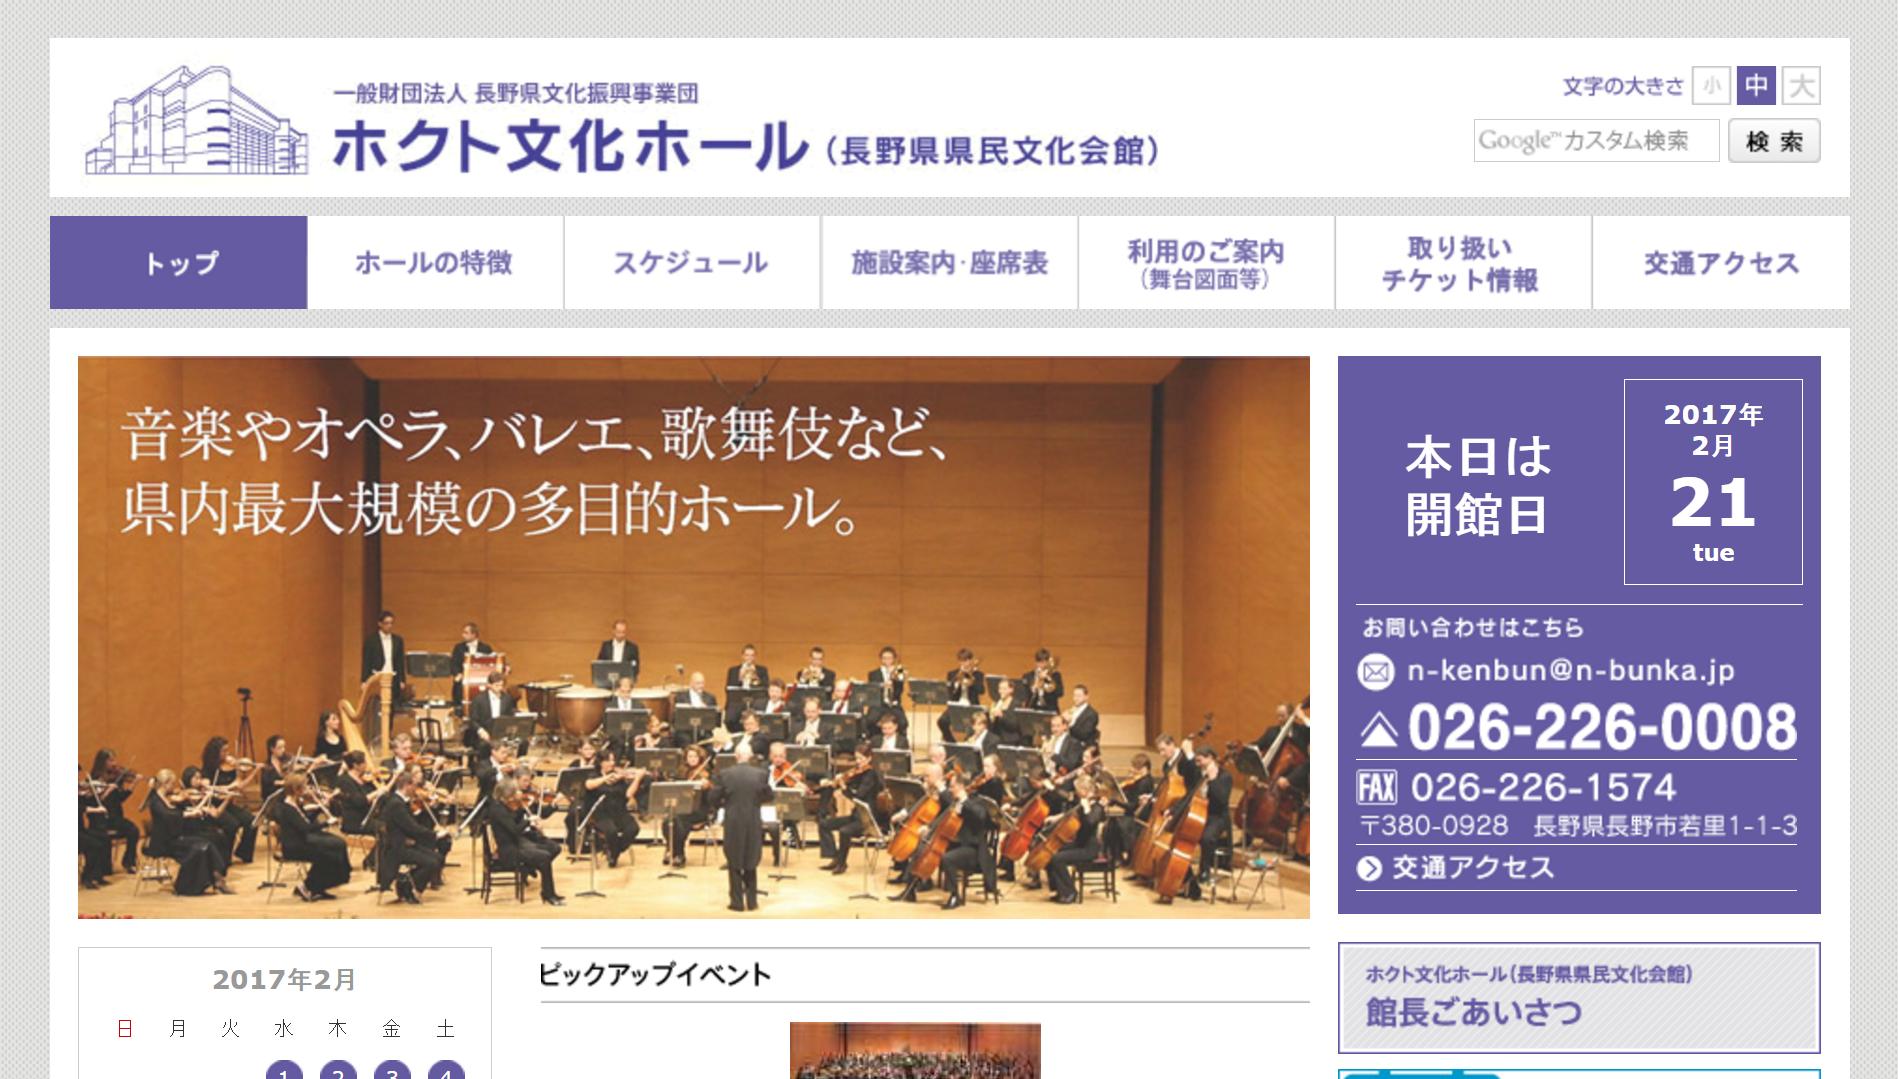 長野県県民文化会館(ホクト文化ホール)の座席表と会場情報